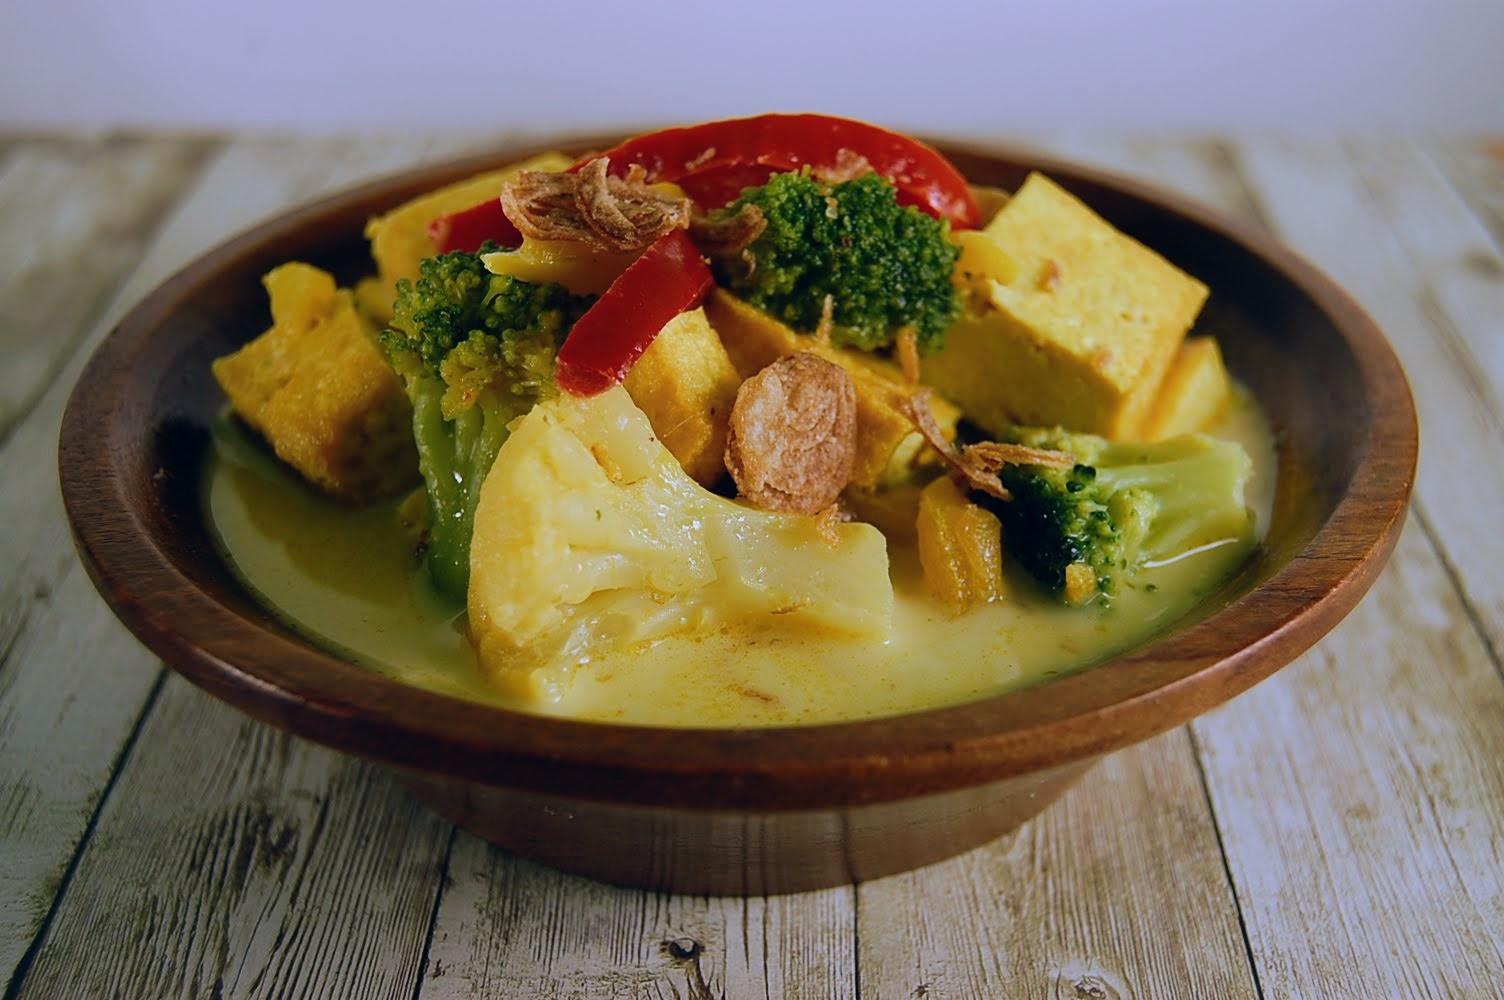 Buntegemüse mit Basisgewürz Indonesisch Kochen